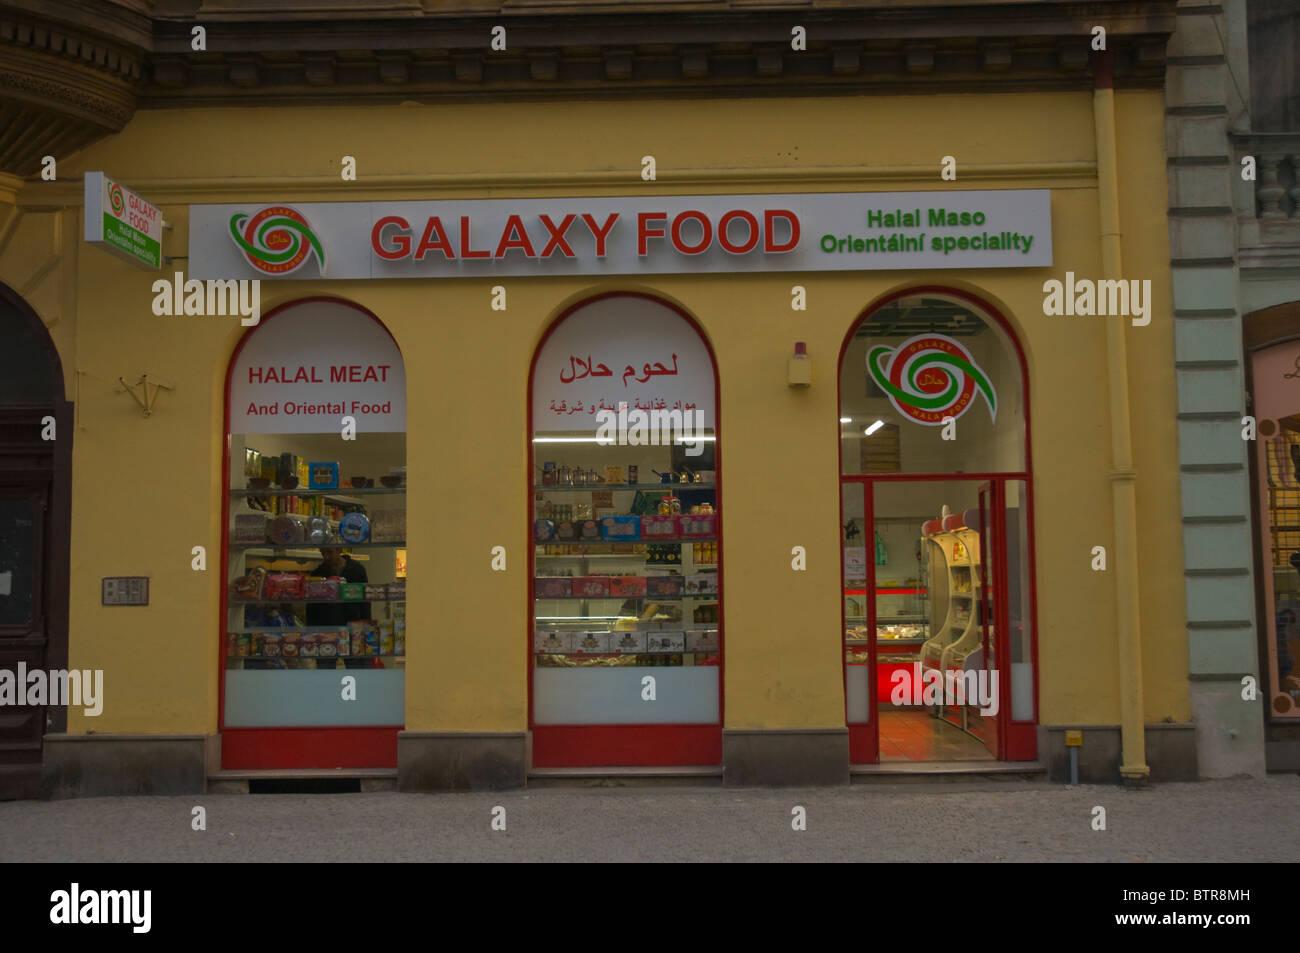 Galaxy Food International Food Shop New Town Prague Czech Republic